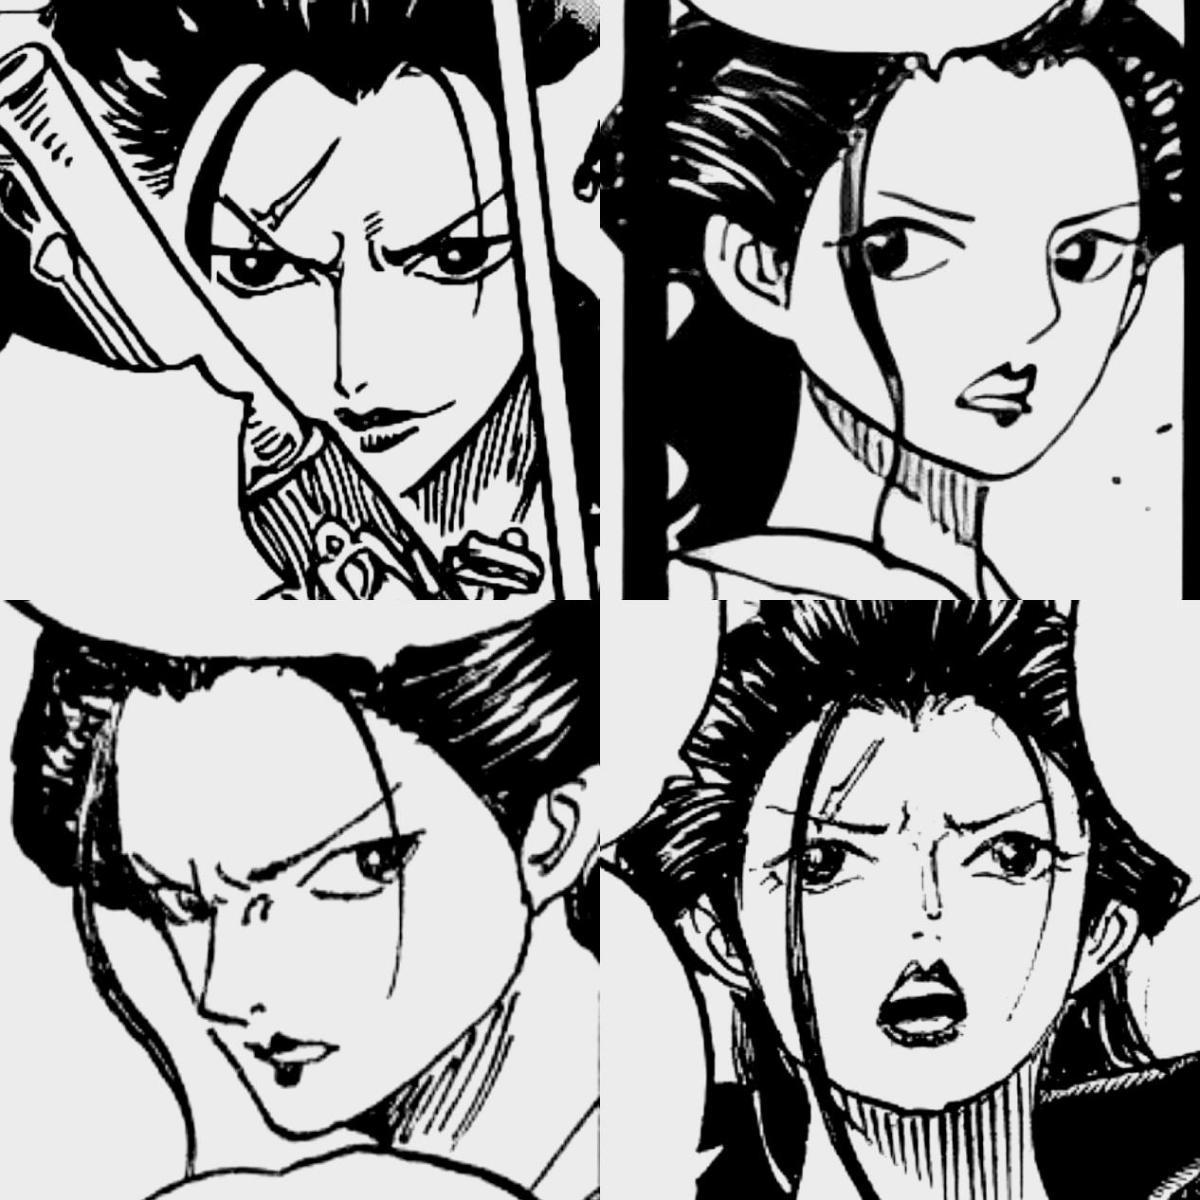 顏值擔當,海賊王裡的4大男性美女,小菊讓男人們傾倒